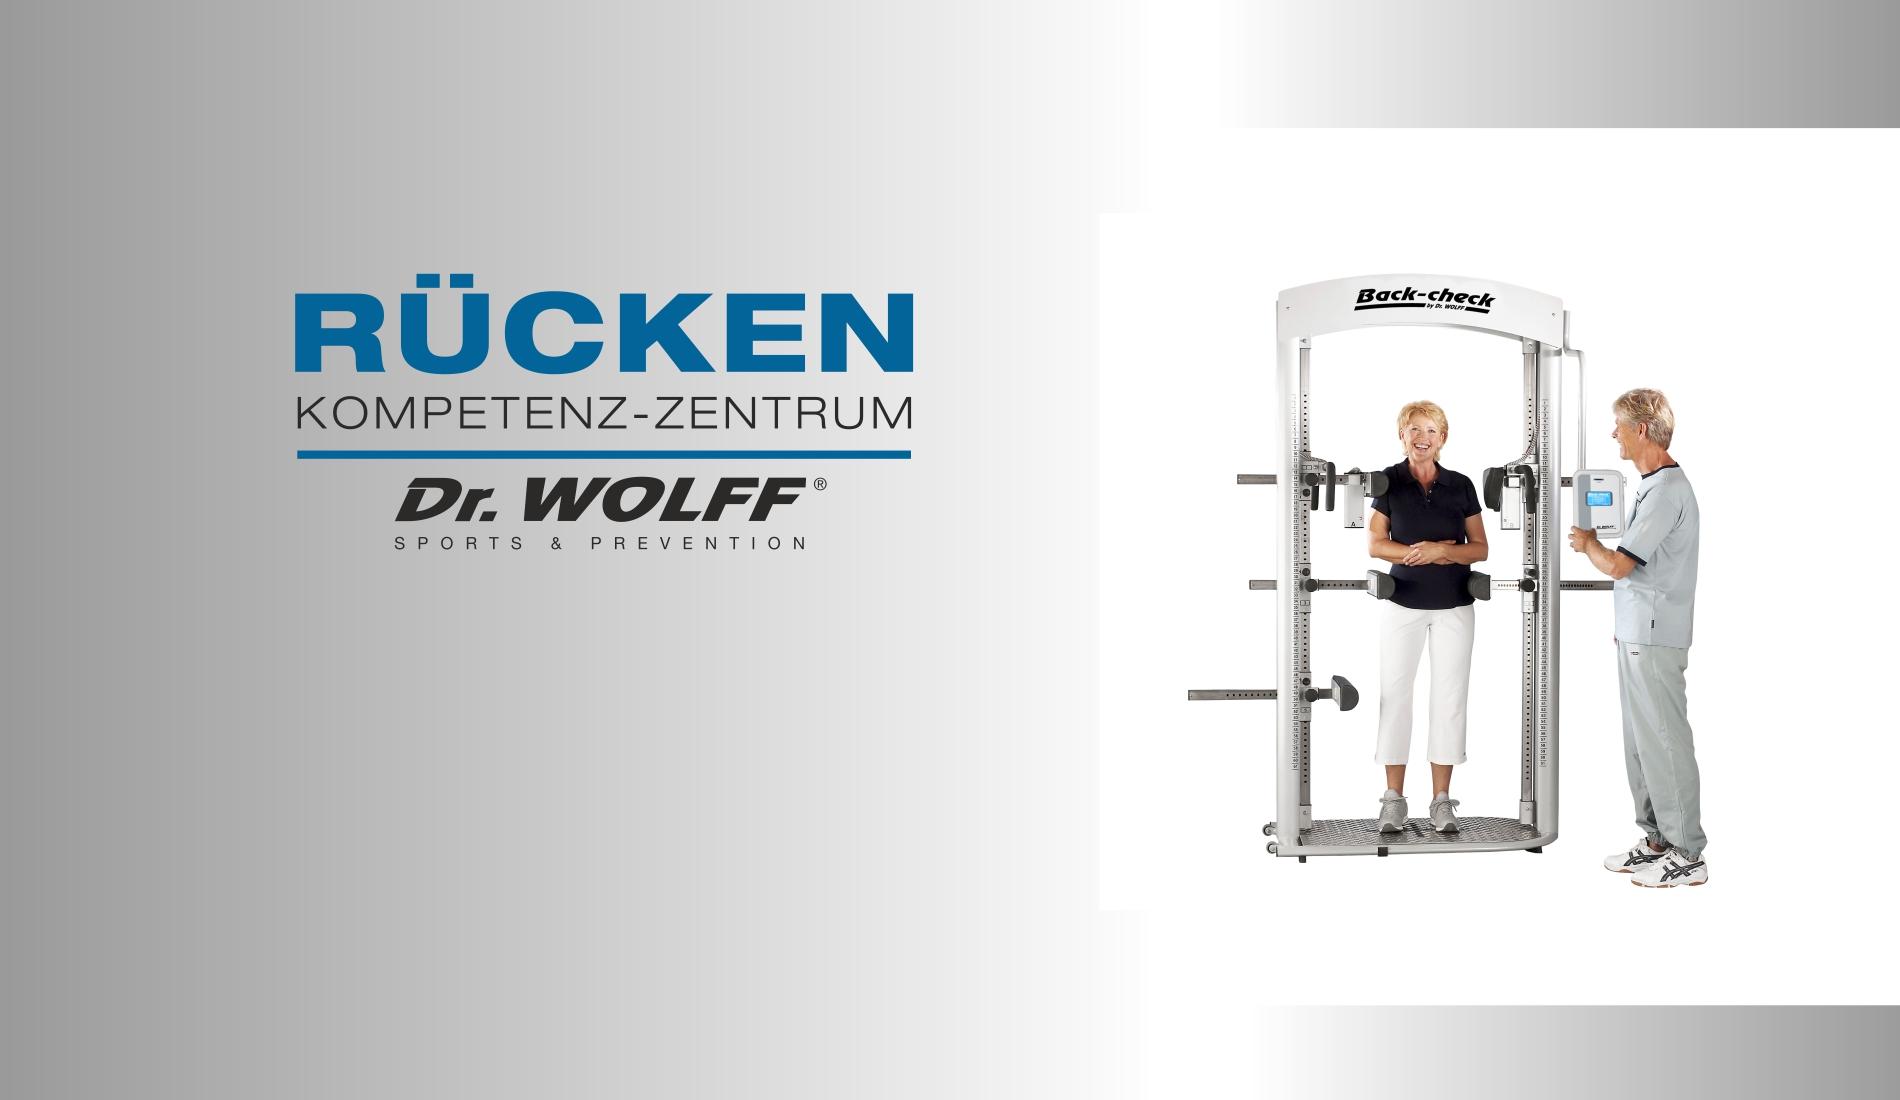 Sicherungskopie_von_Dr WOLFF